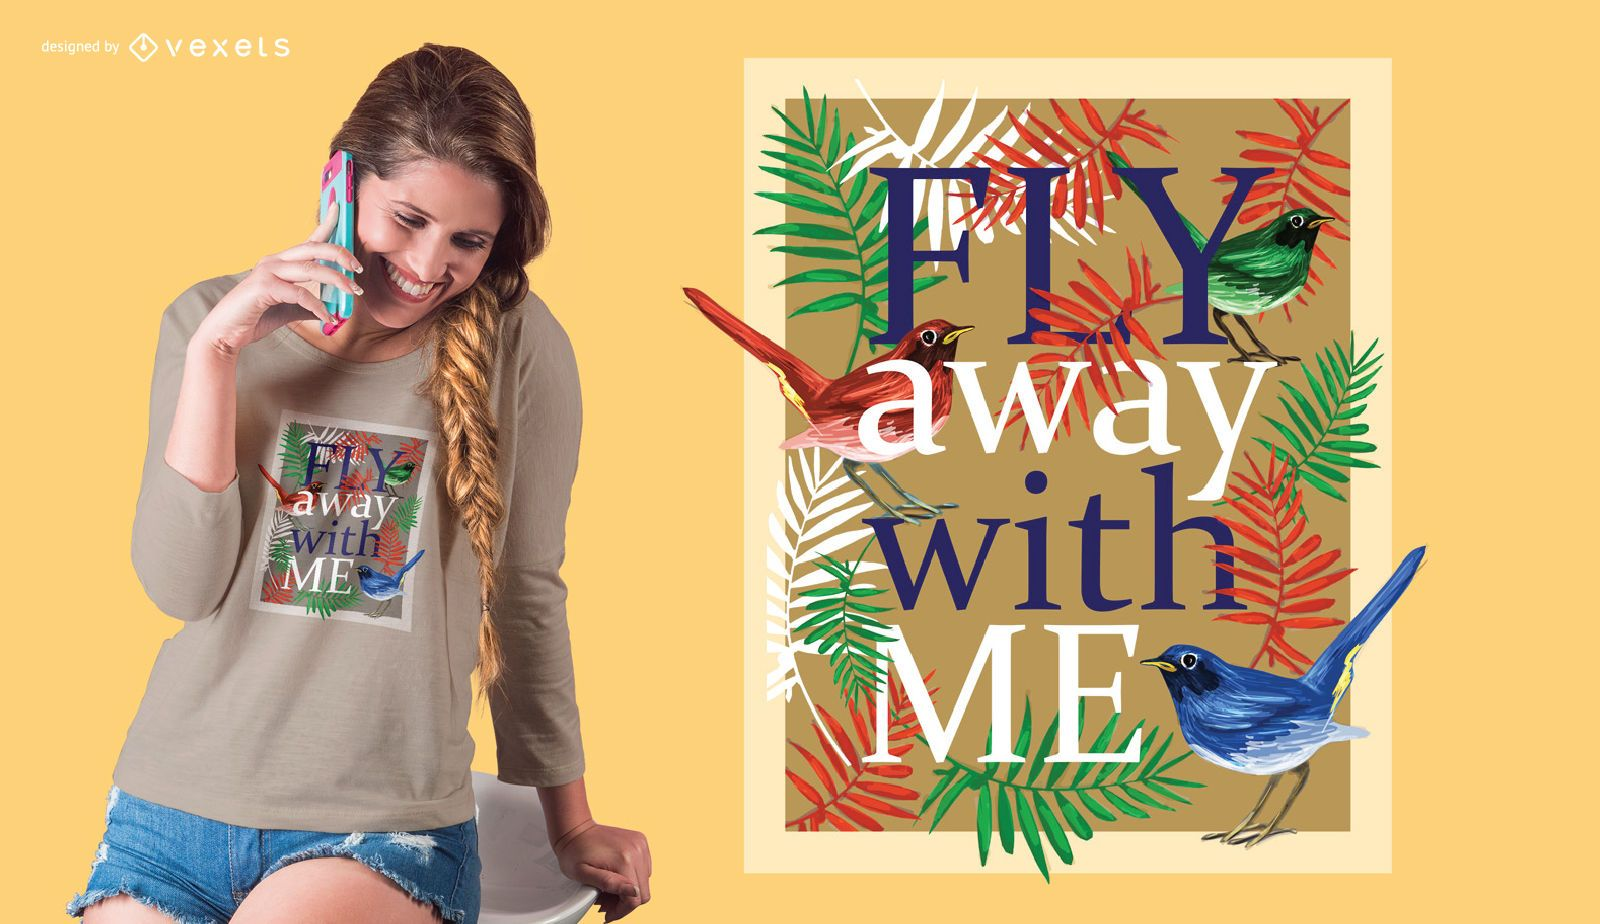 Fly away bird t-shirt design